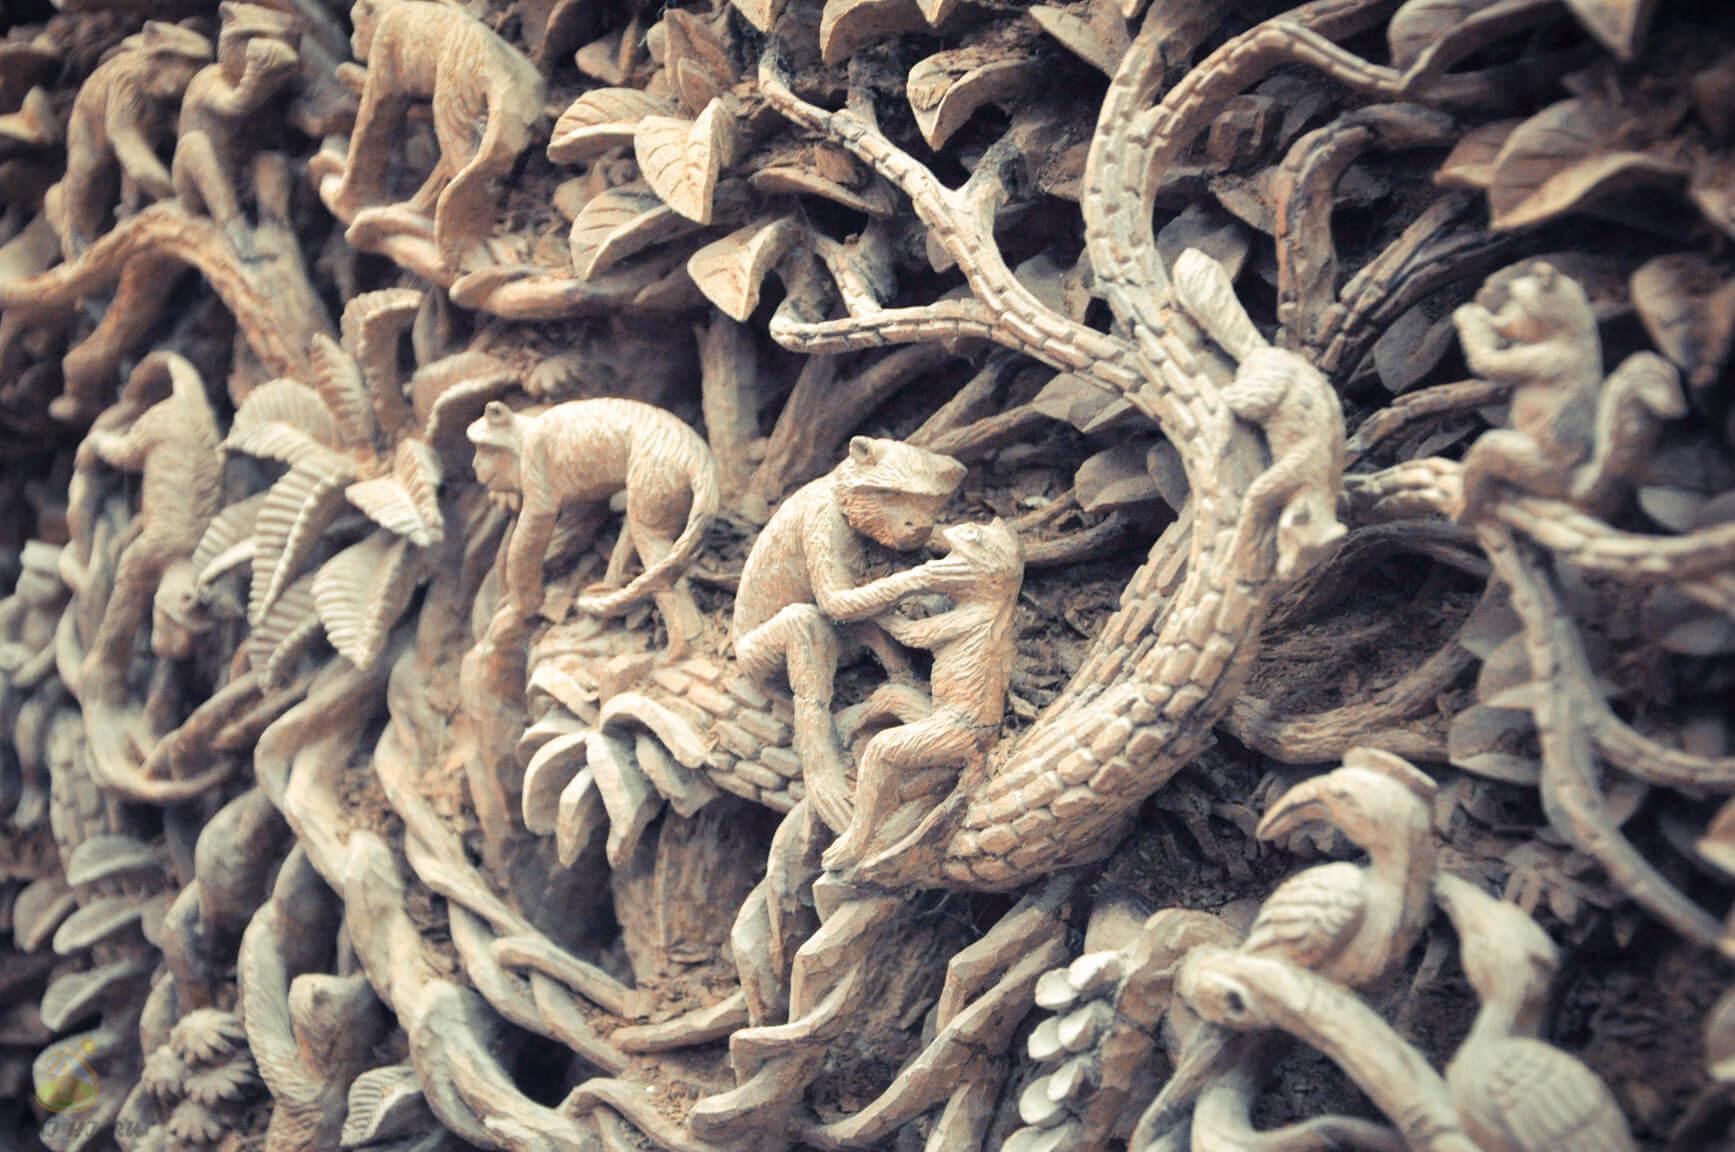 Картина с обезьянами на тиковой фабрике